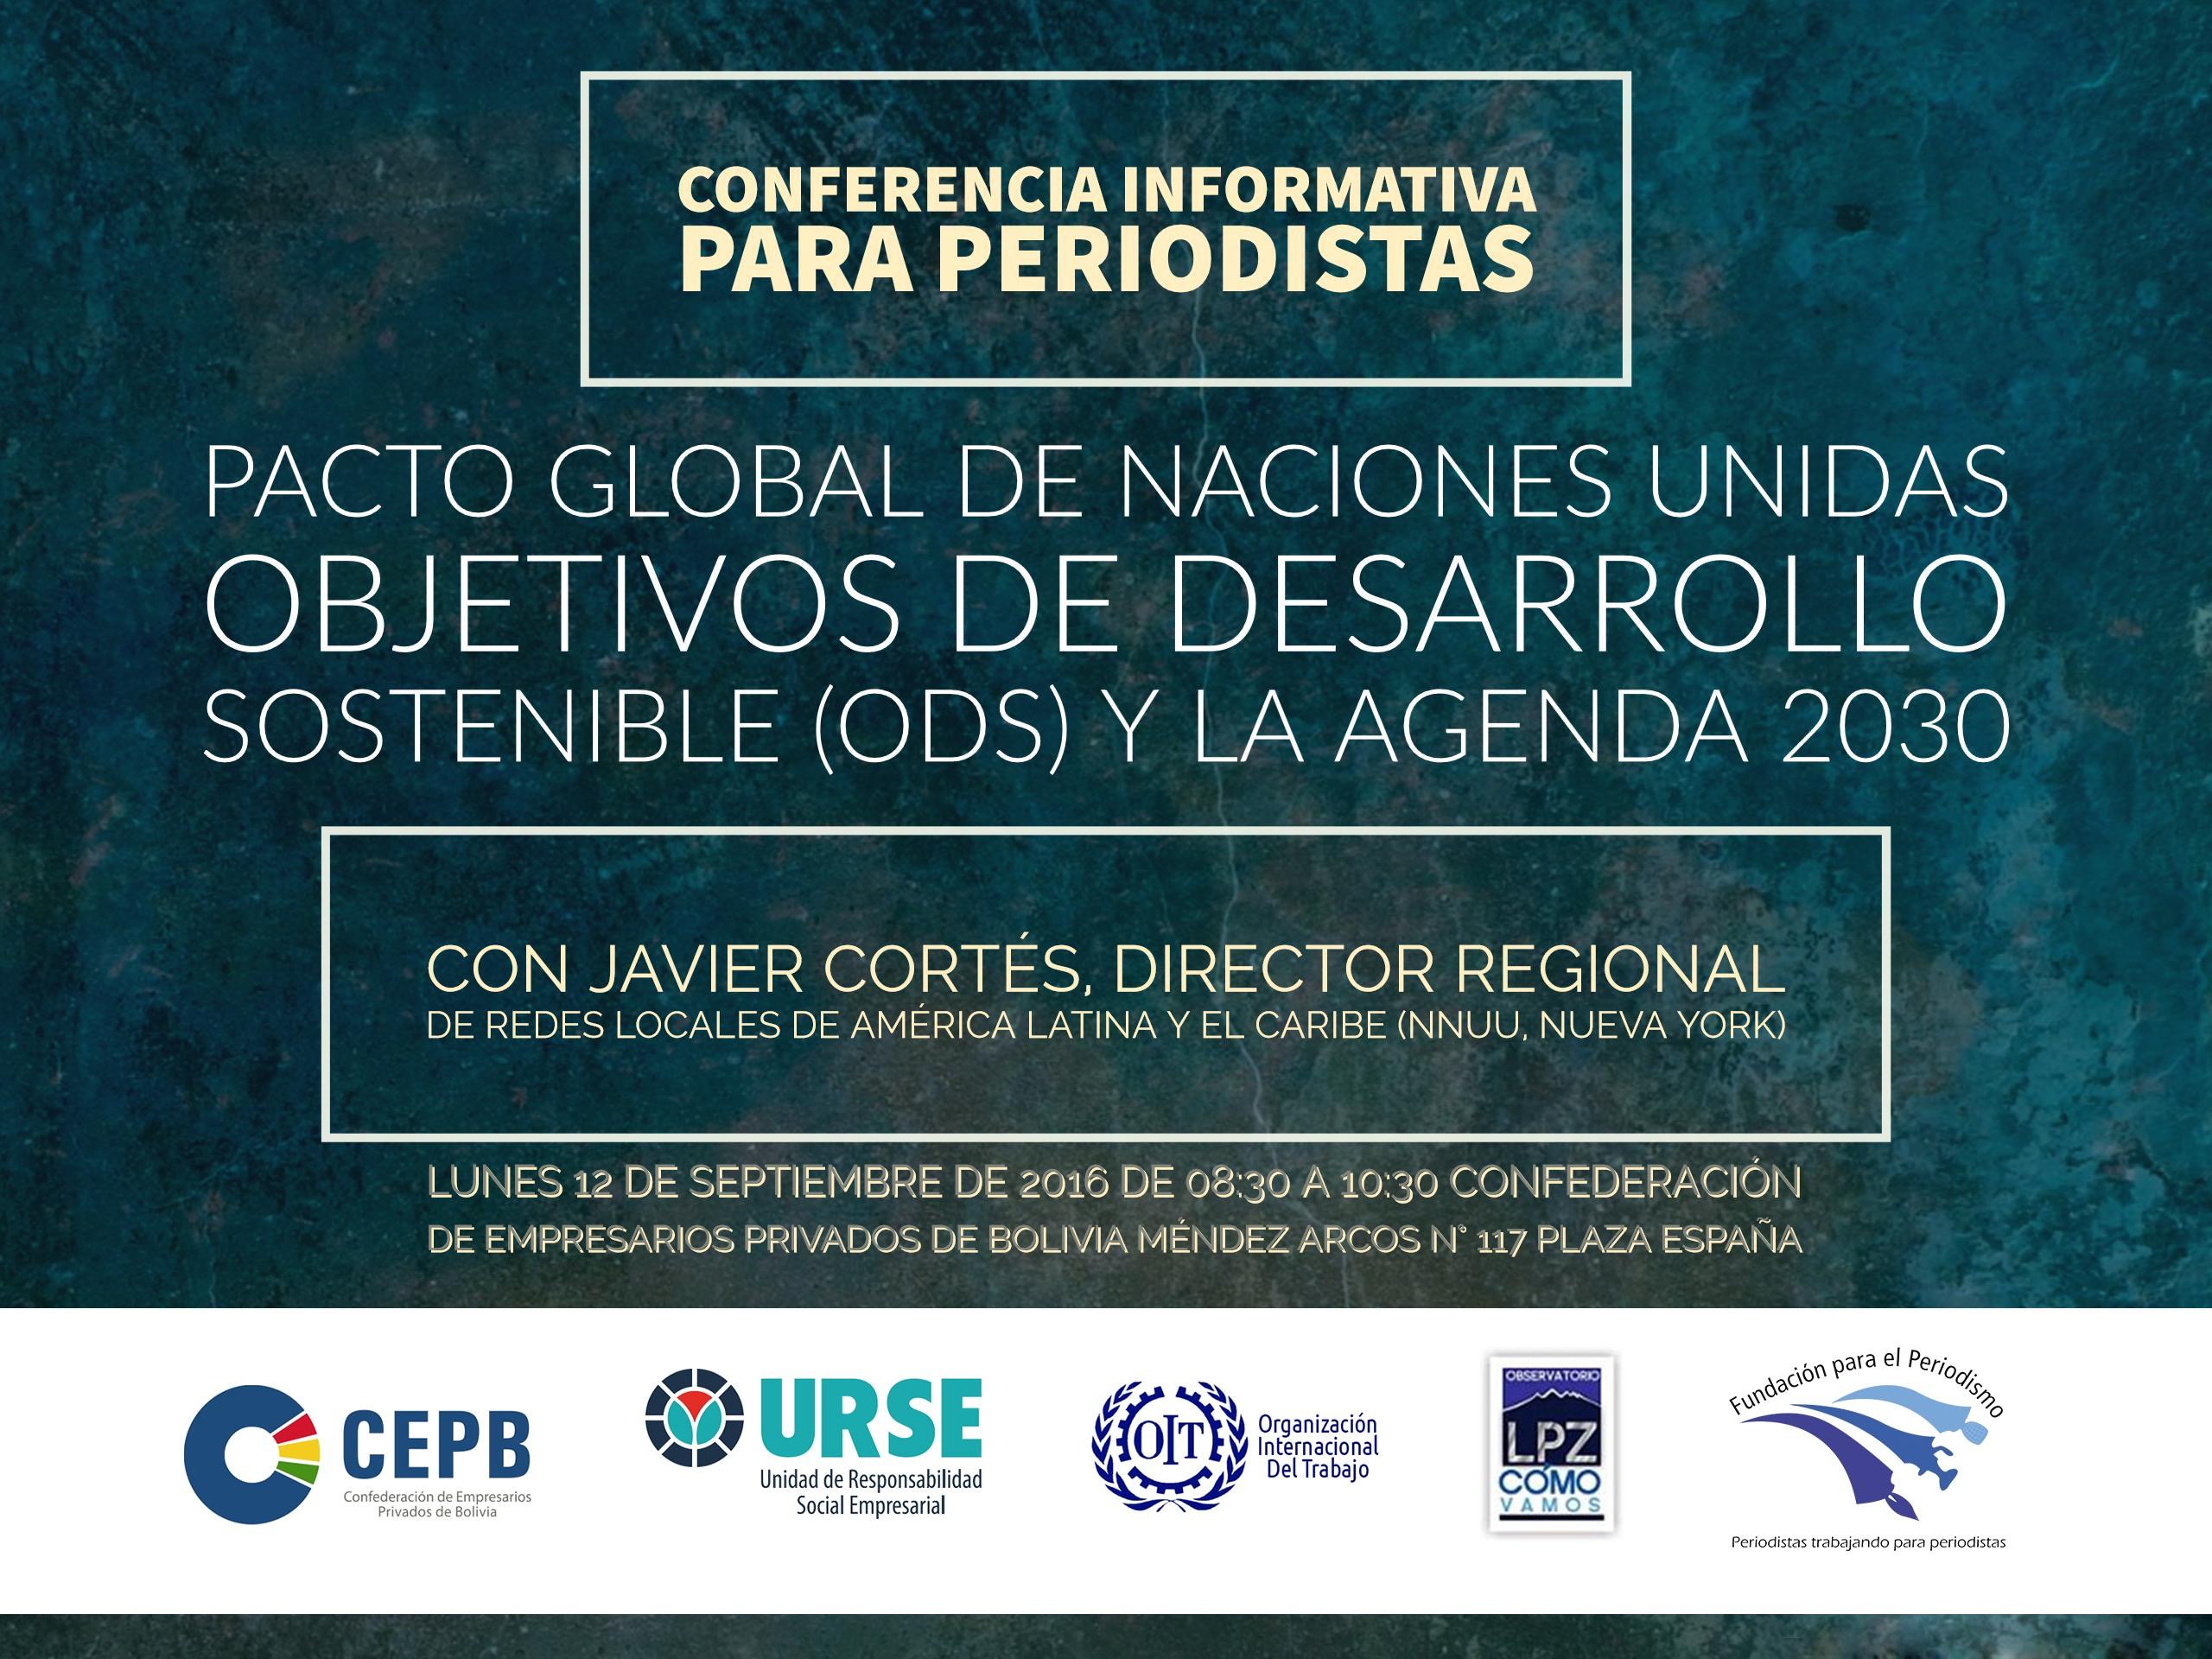 Conferencia Informativa para periodistas Pacto Global de Naciones Unidas Objetivos de Desarrollo Sos